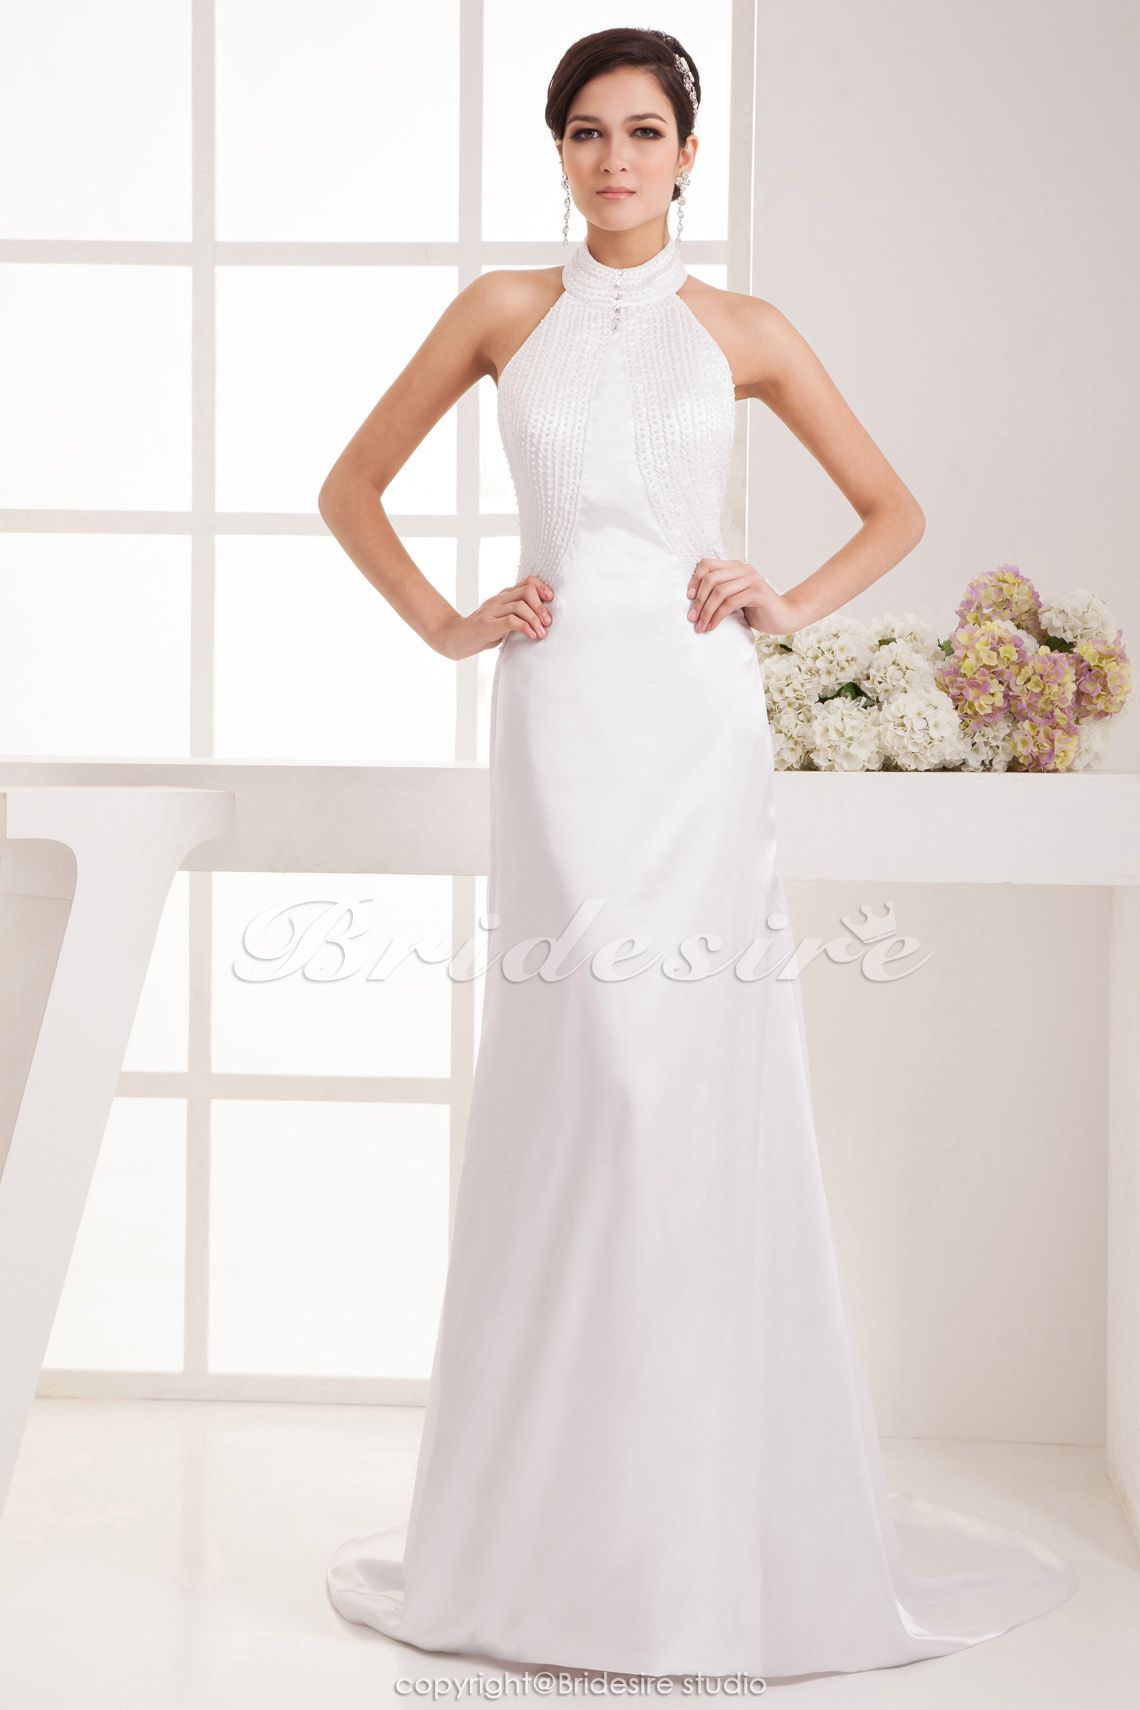 e7ddbfe1aad3 Bridesire - Vestidos de Novia Baratos, Vestidos para bodas Online ...